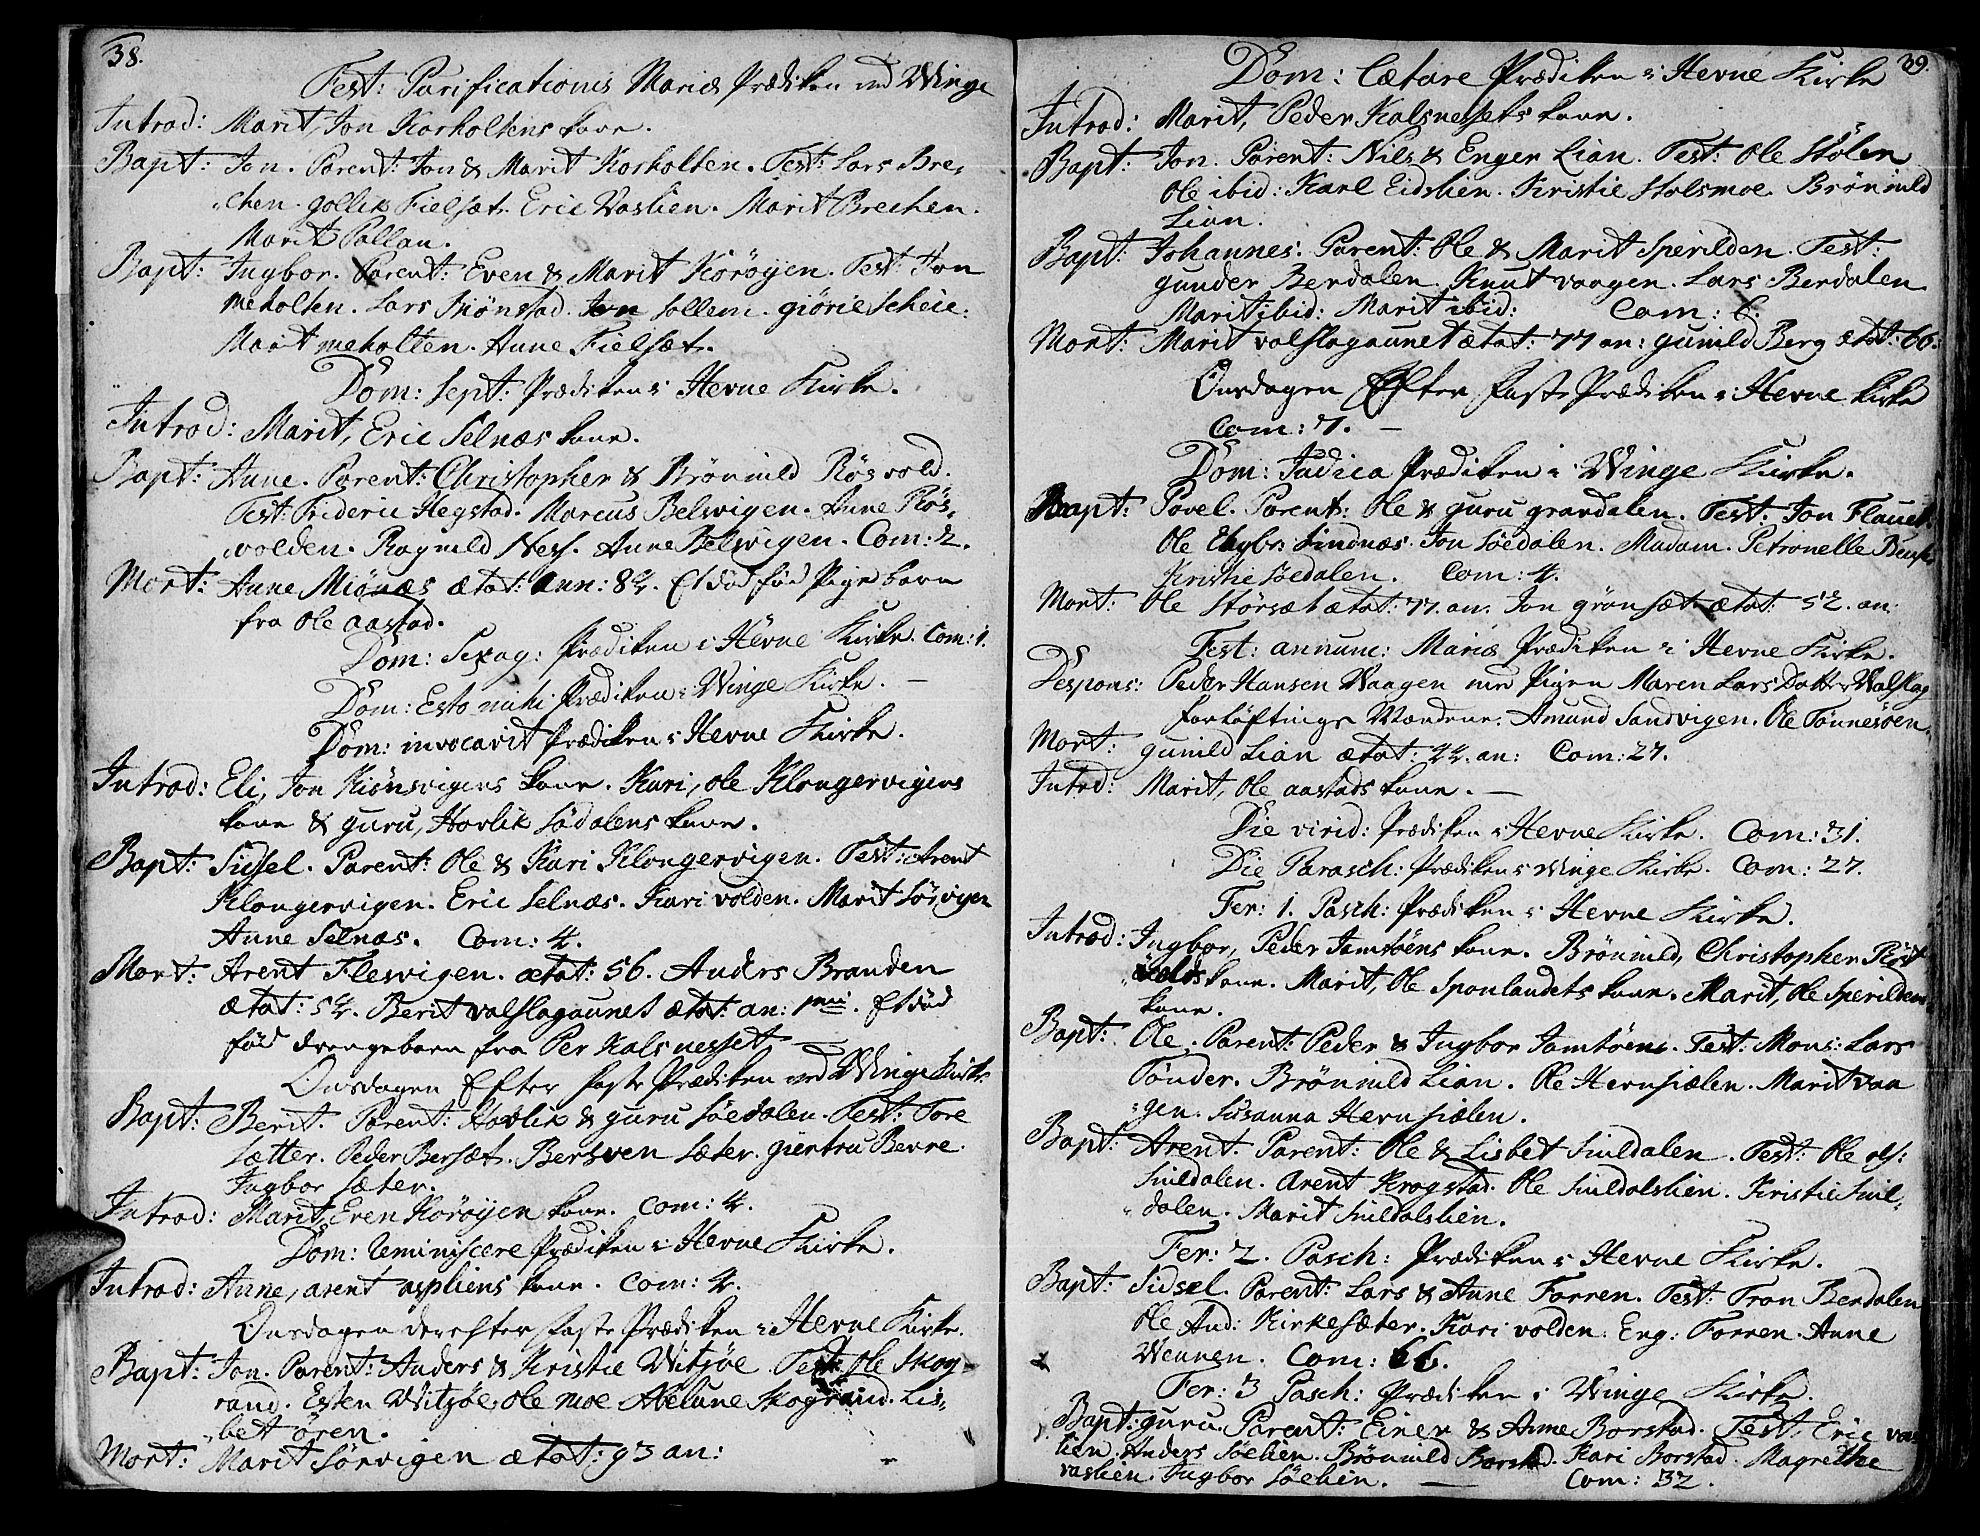 SAT, Ministerialprotokoller, klokkerbøker og fødselsregistre - Sør-Trøndelag, 630/L0489: Ministerialbok nr. 630A02, 1757-1794, s. 38-39